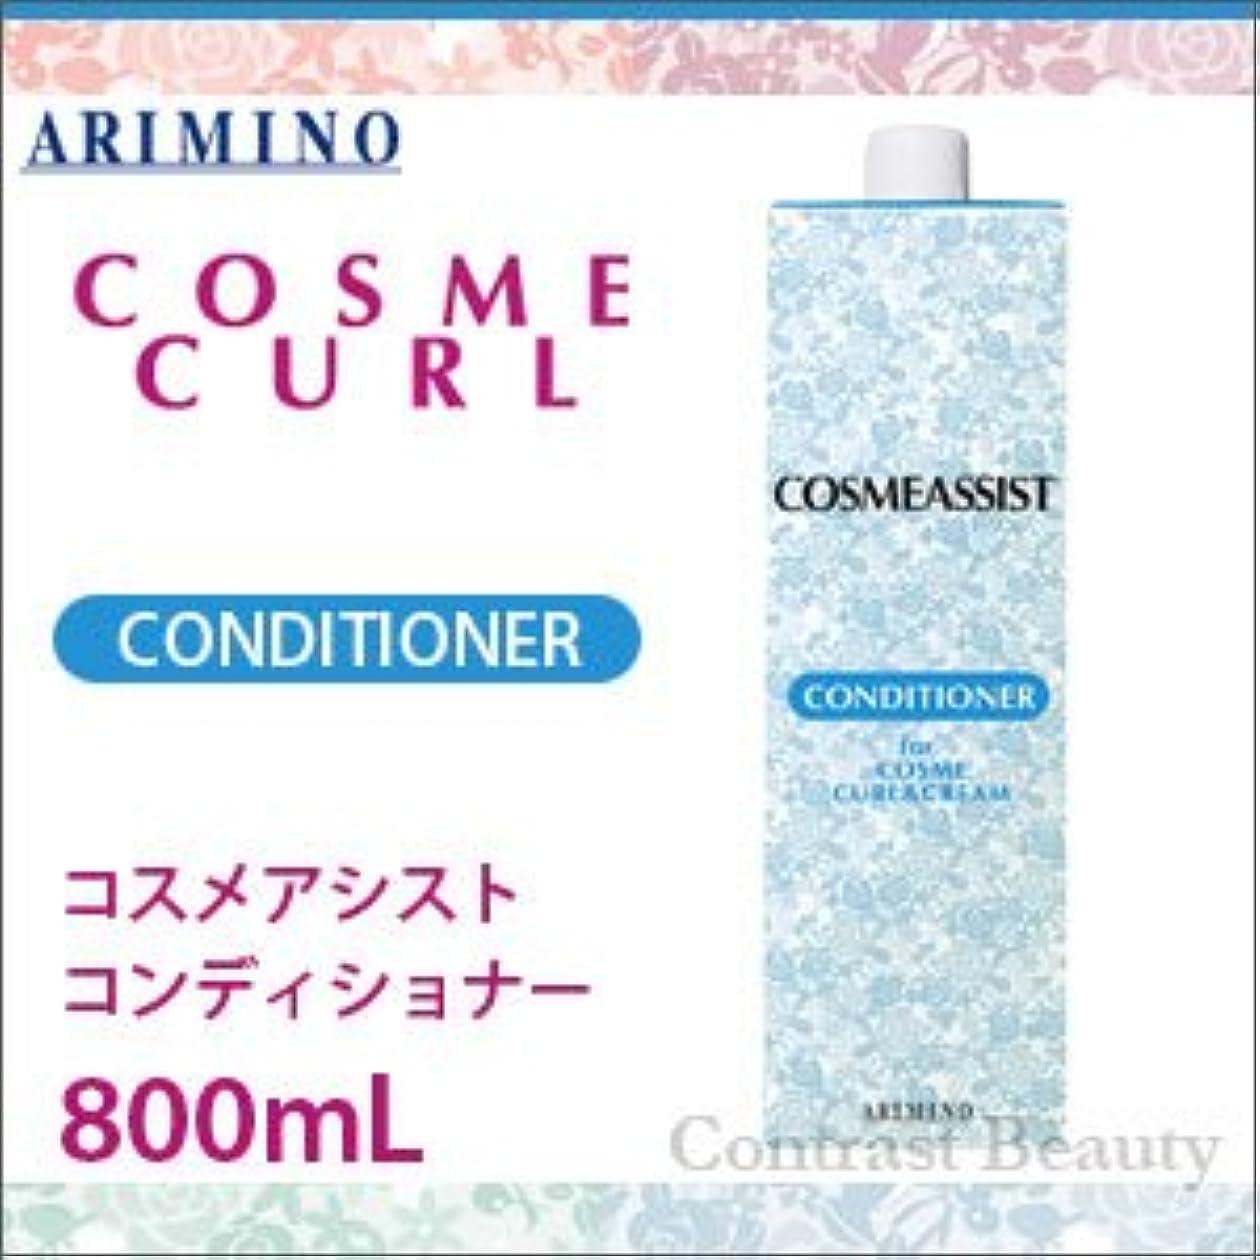 【X2個セット】 アリミノ コスメアシスト コンディショナー 800ml